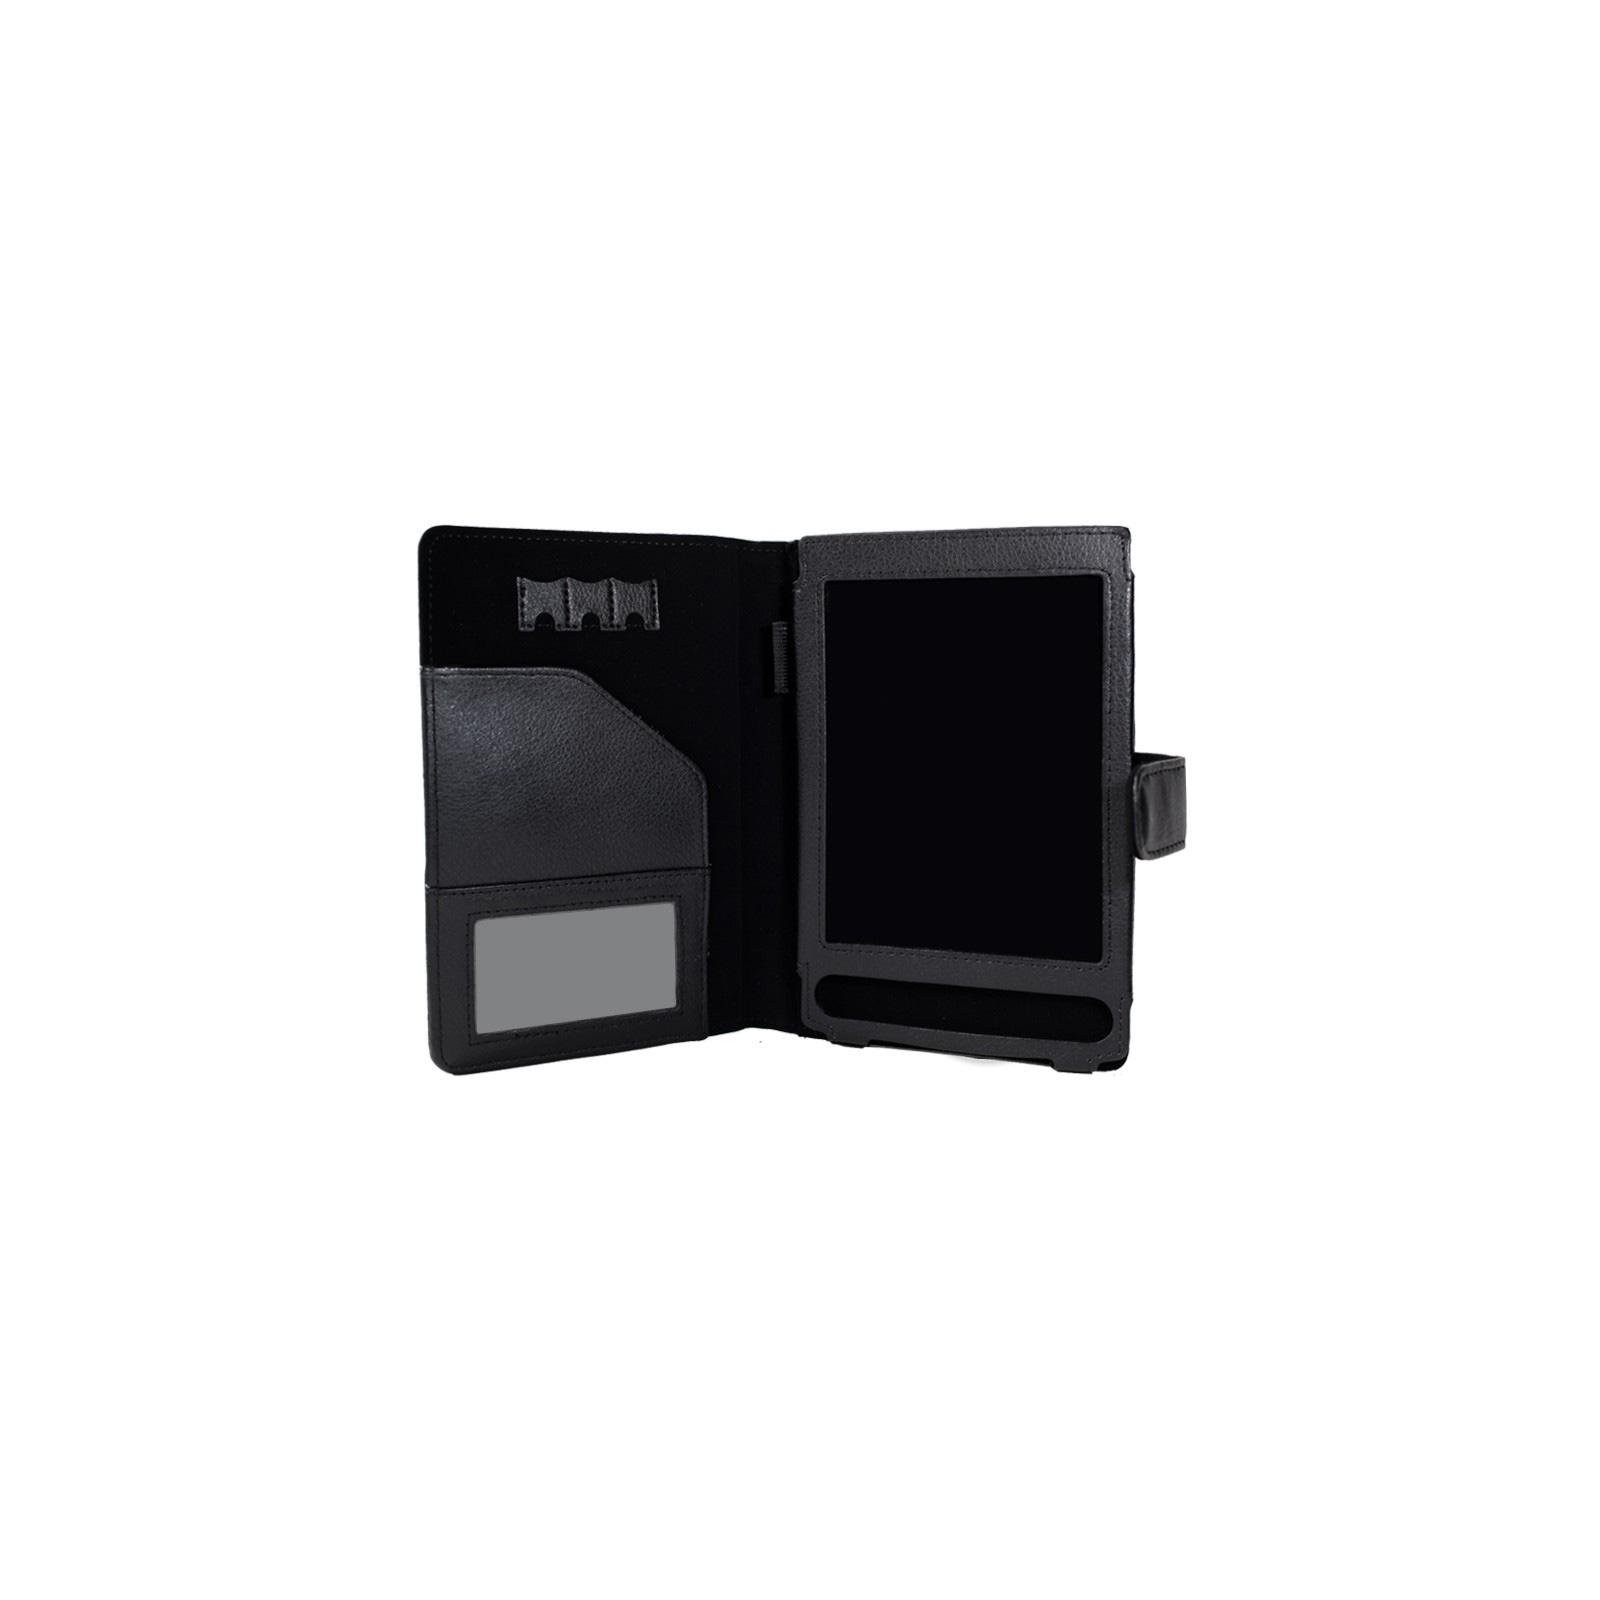 Чехол для электронной книги AirOn для PocketBook 622/623 Touch (black) (6946795880011) изображение 2